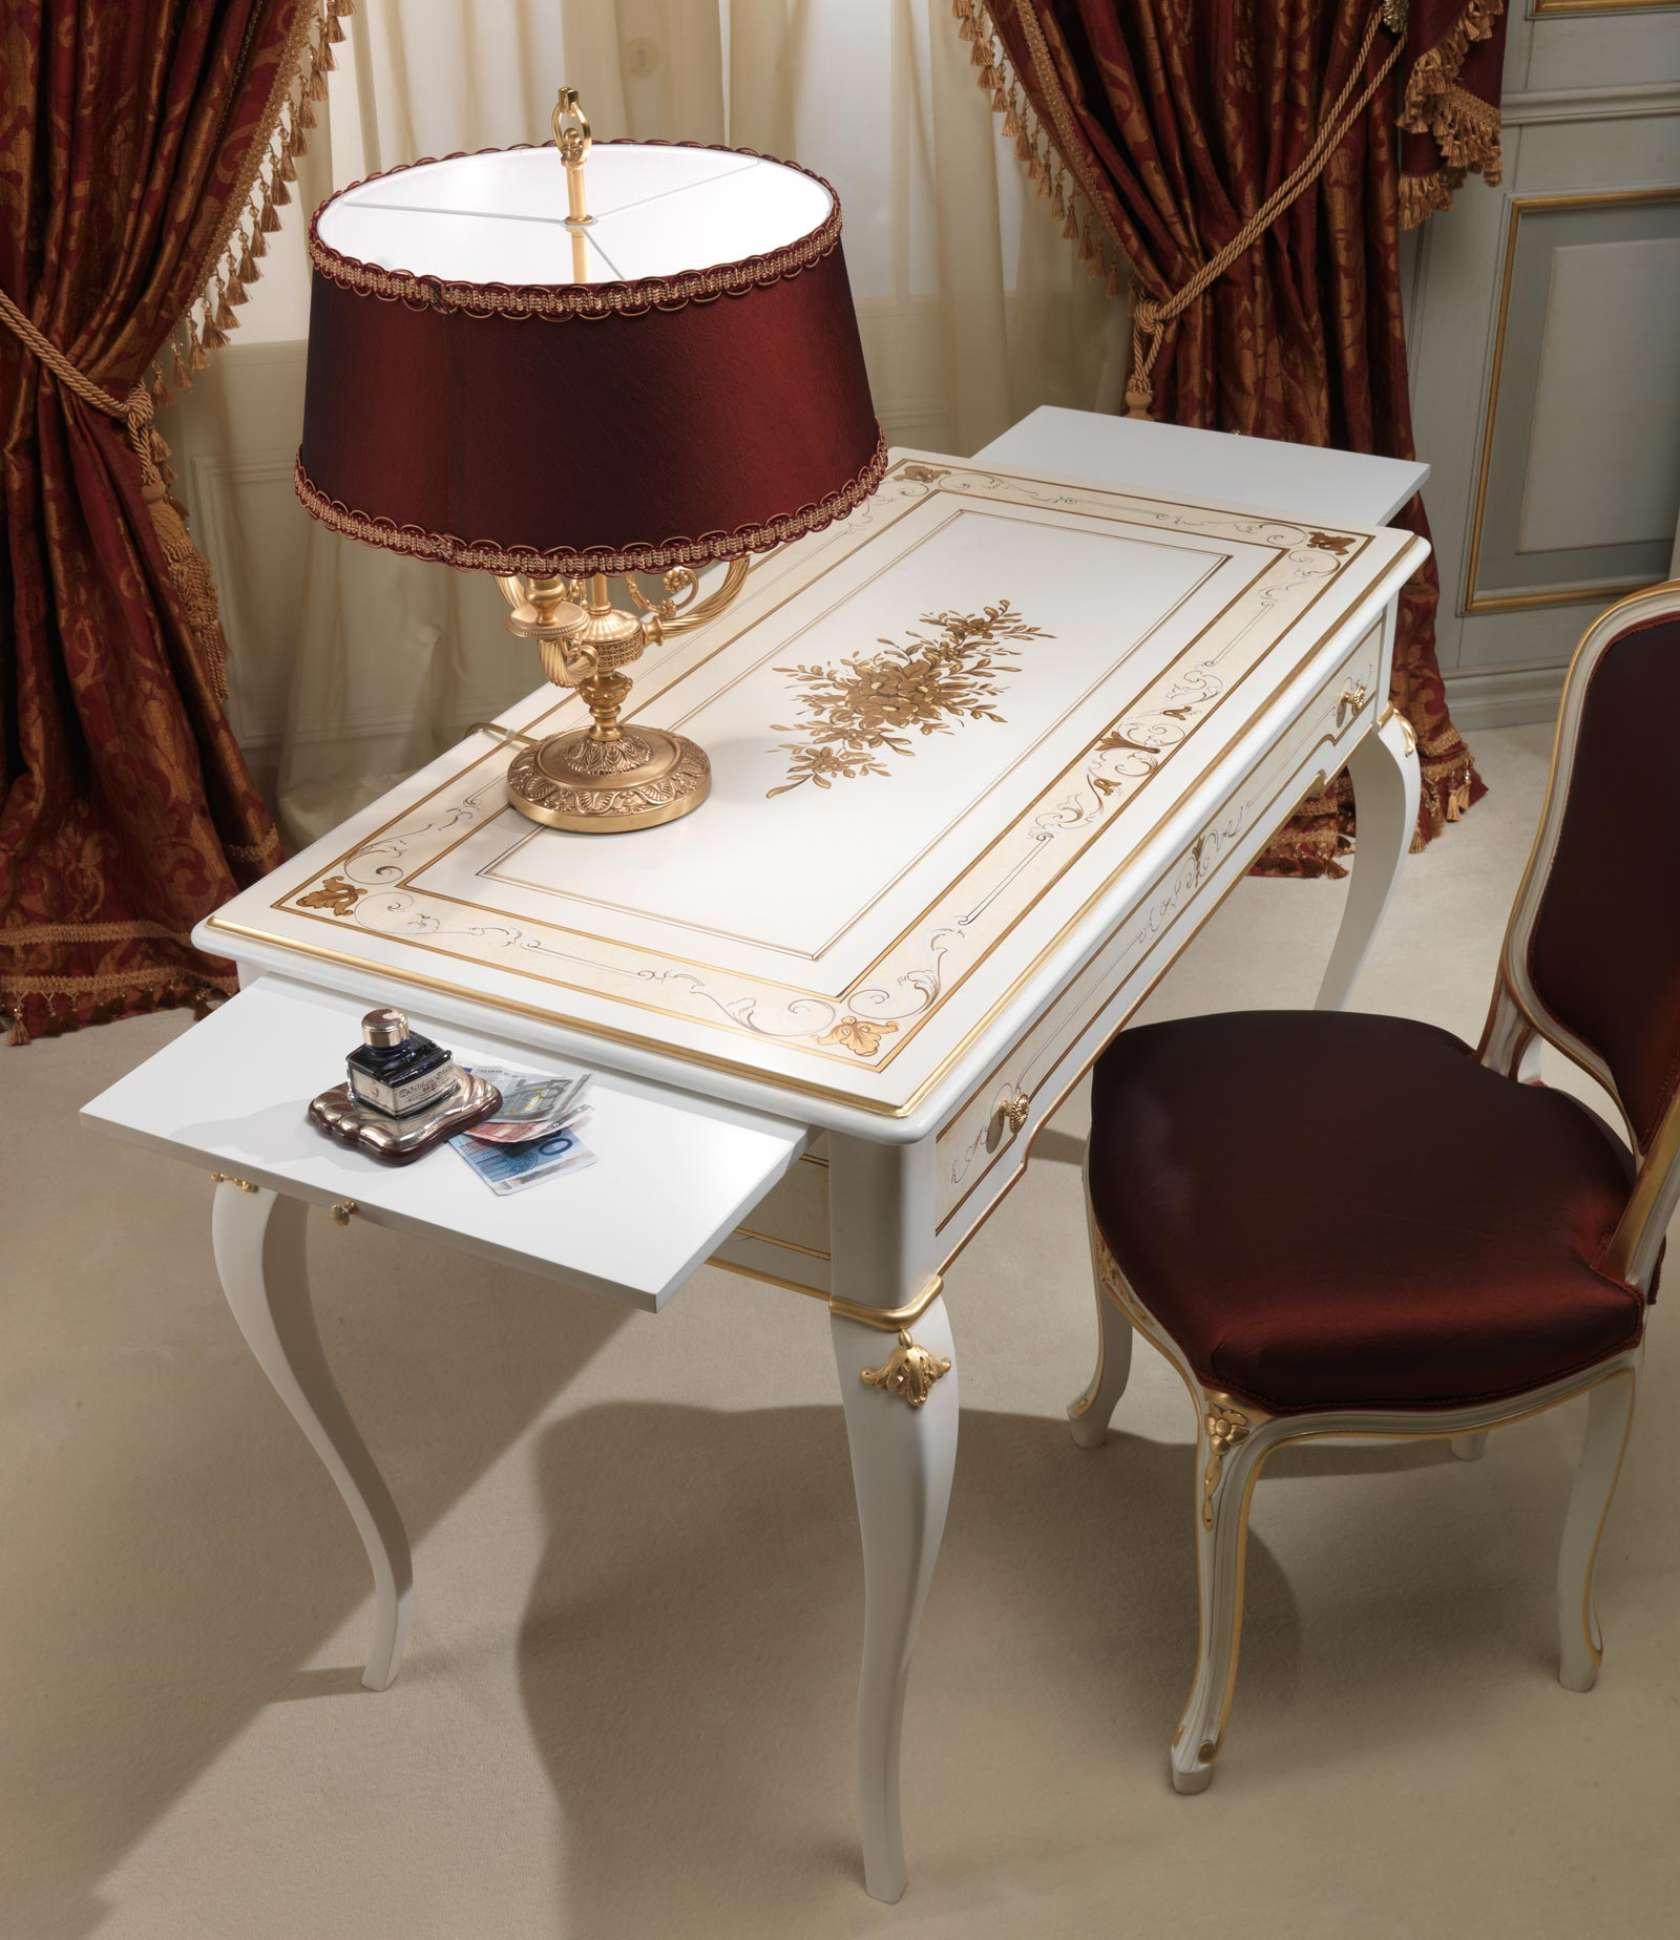 Camera Da Letto Classica Rubens In Stile 700 Francese Scrittoio Con Sedia E Lampada Vimercati Meda